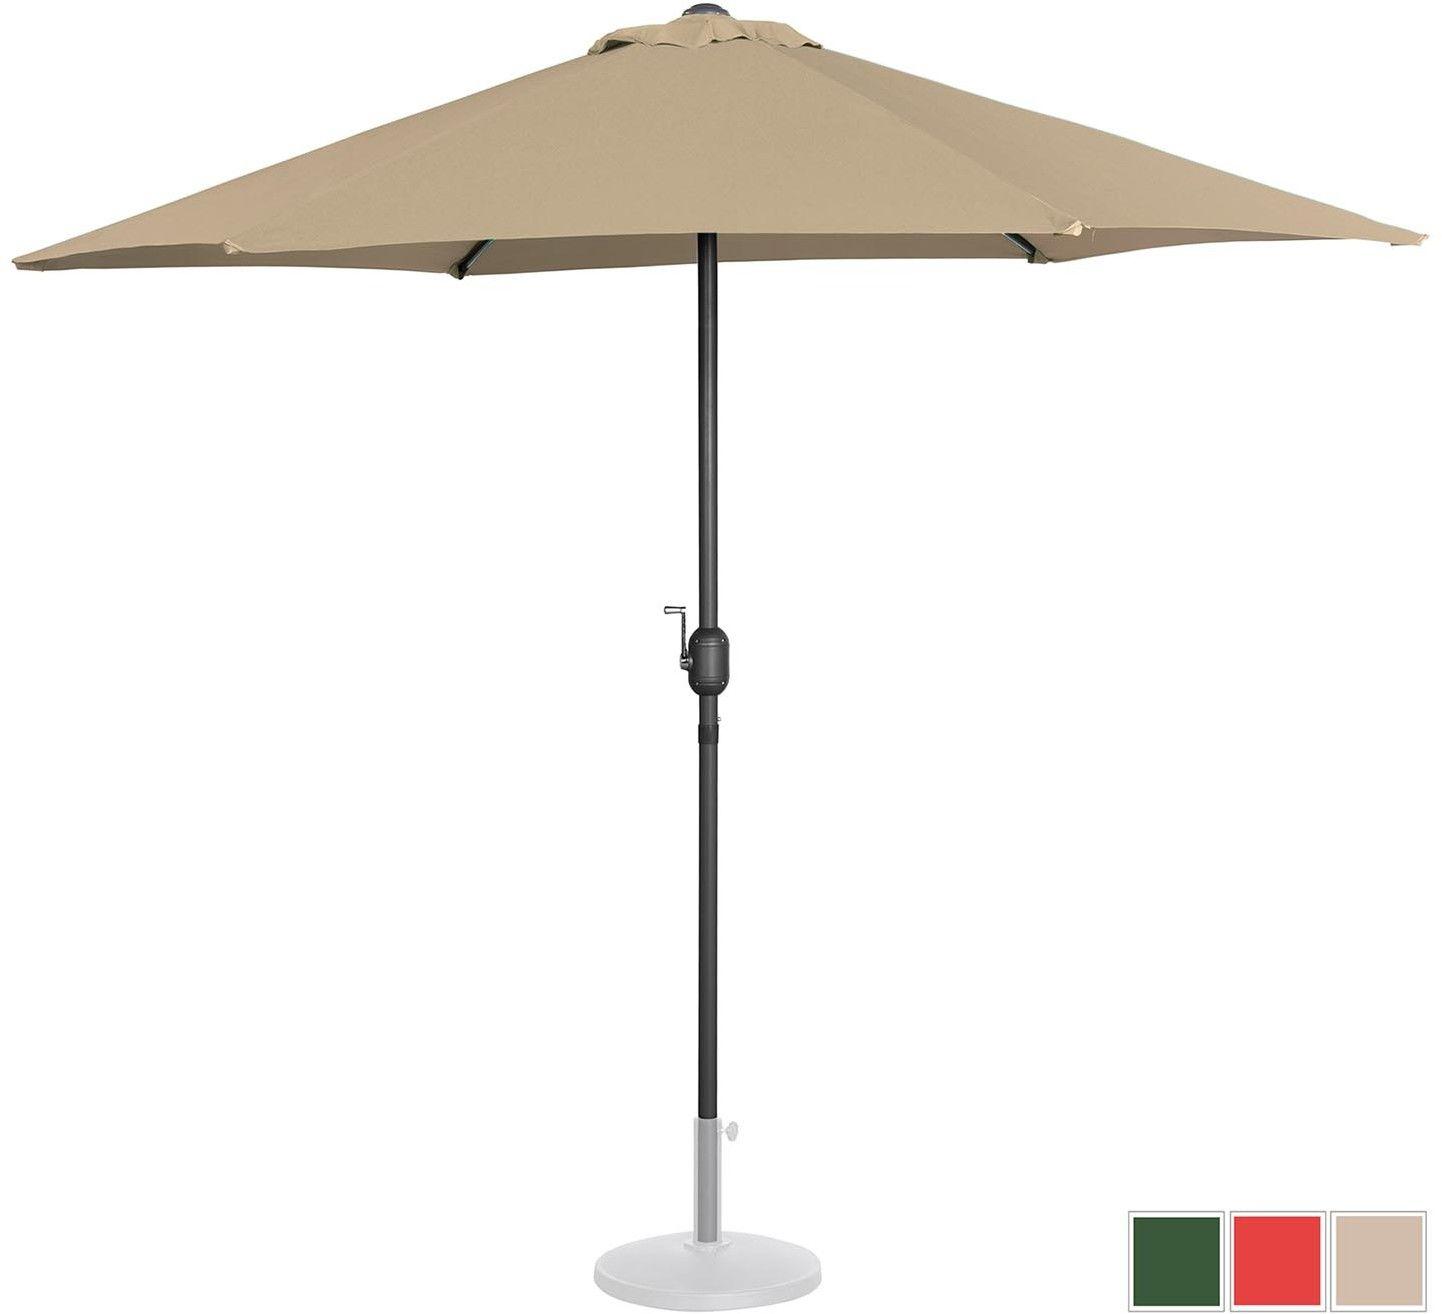 Parasol ogrodowy stojący - 270 cm - beżowy - Uniprodo - UNI_UMBRELLA_MR270TA - 3 lata gwarancji/wysyłka w 24h